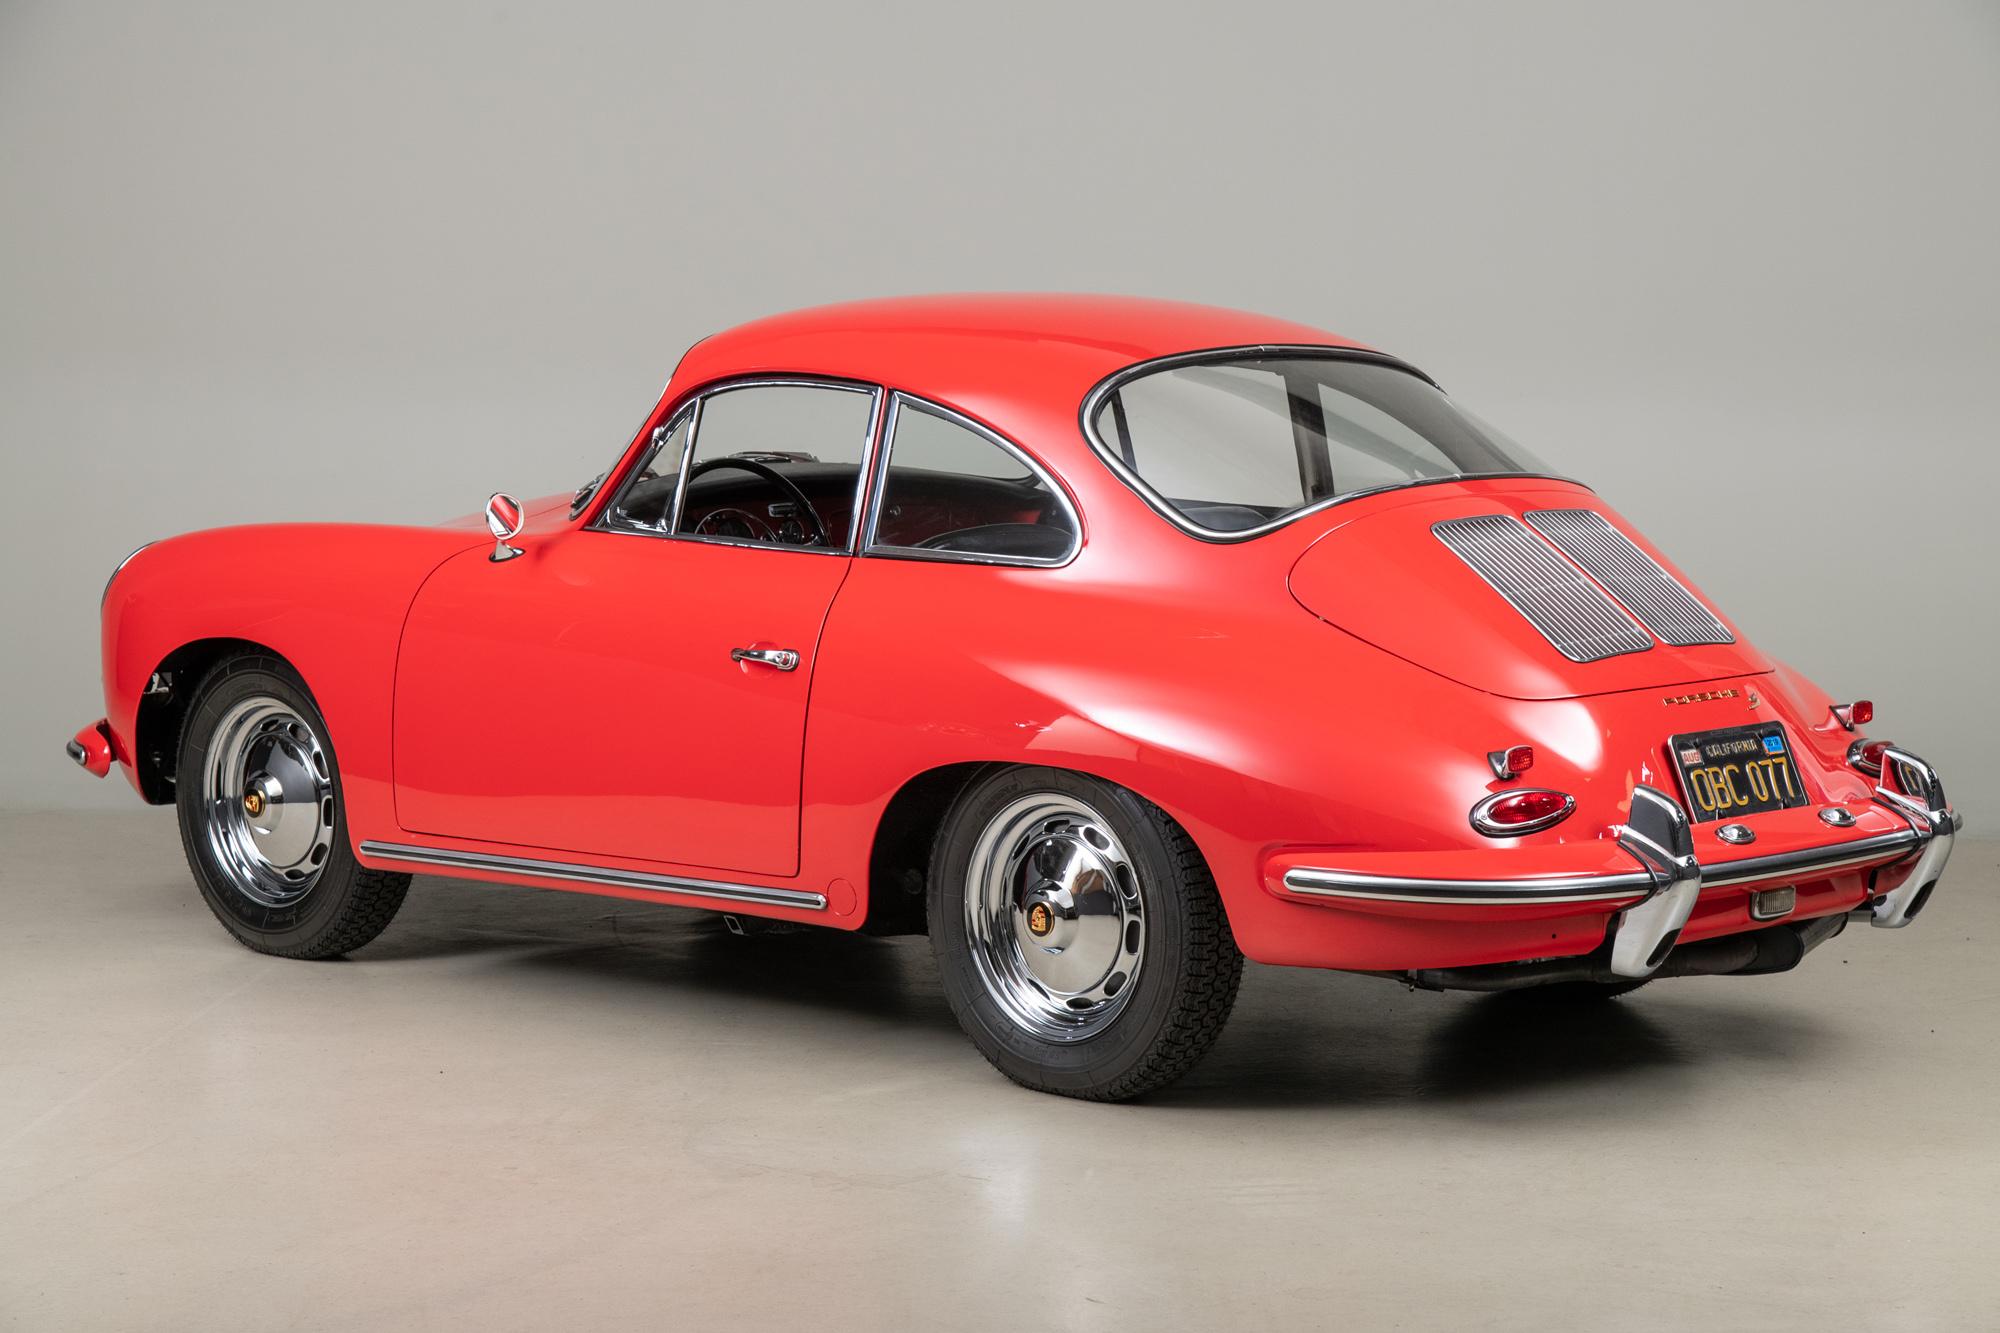 1962 Porsche 356B Coupe , RED, VIN 211240, MILEAGE 18740